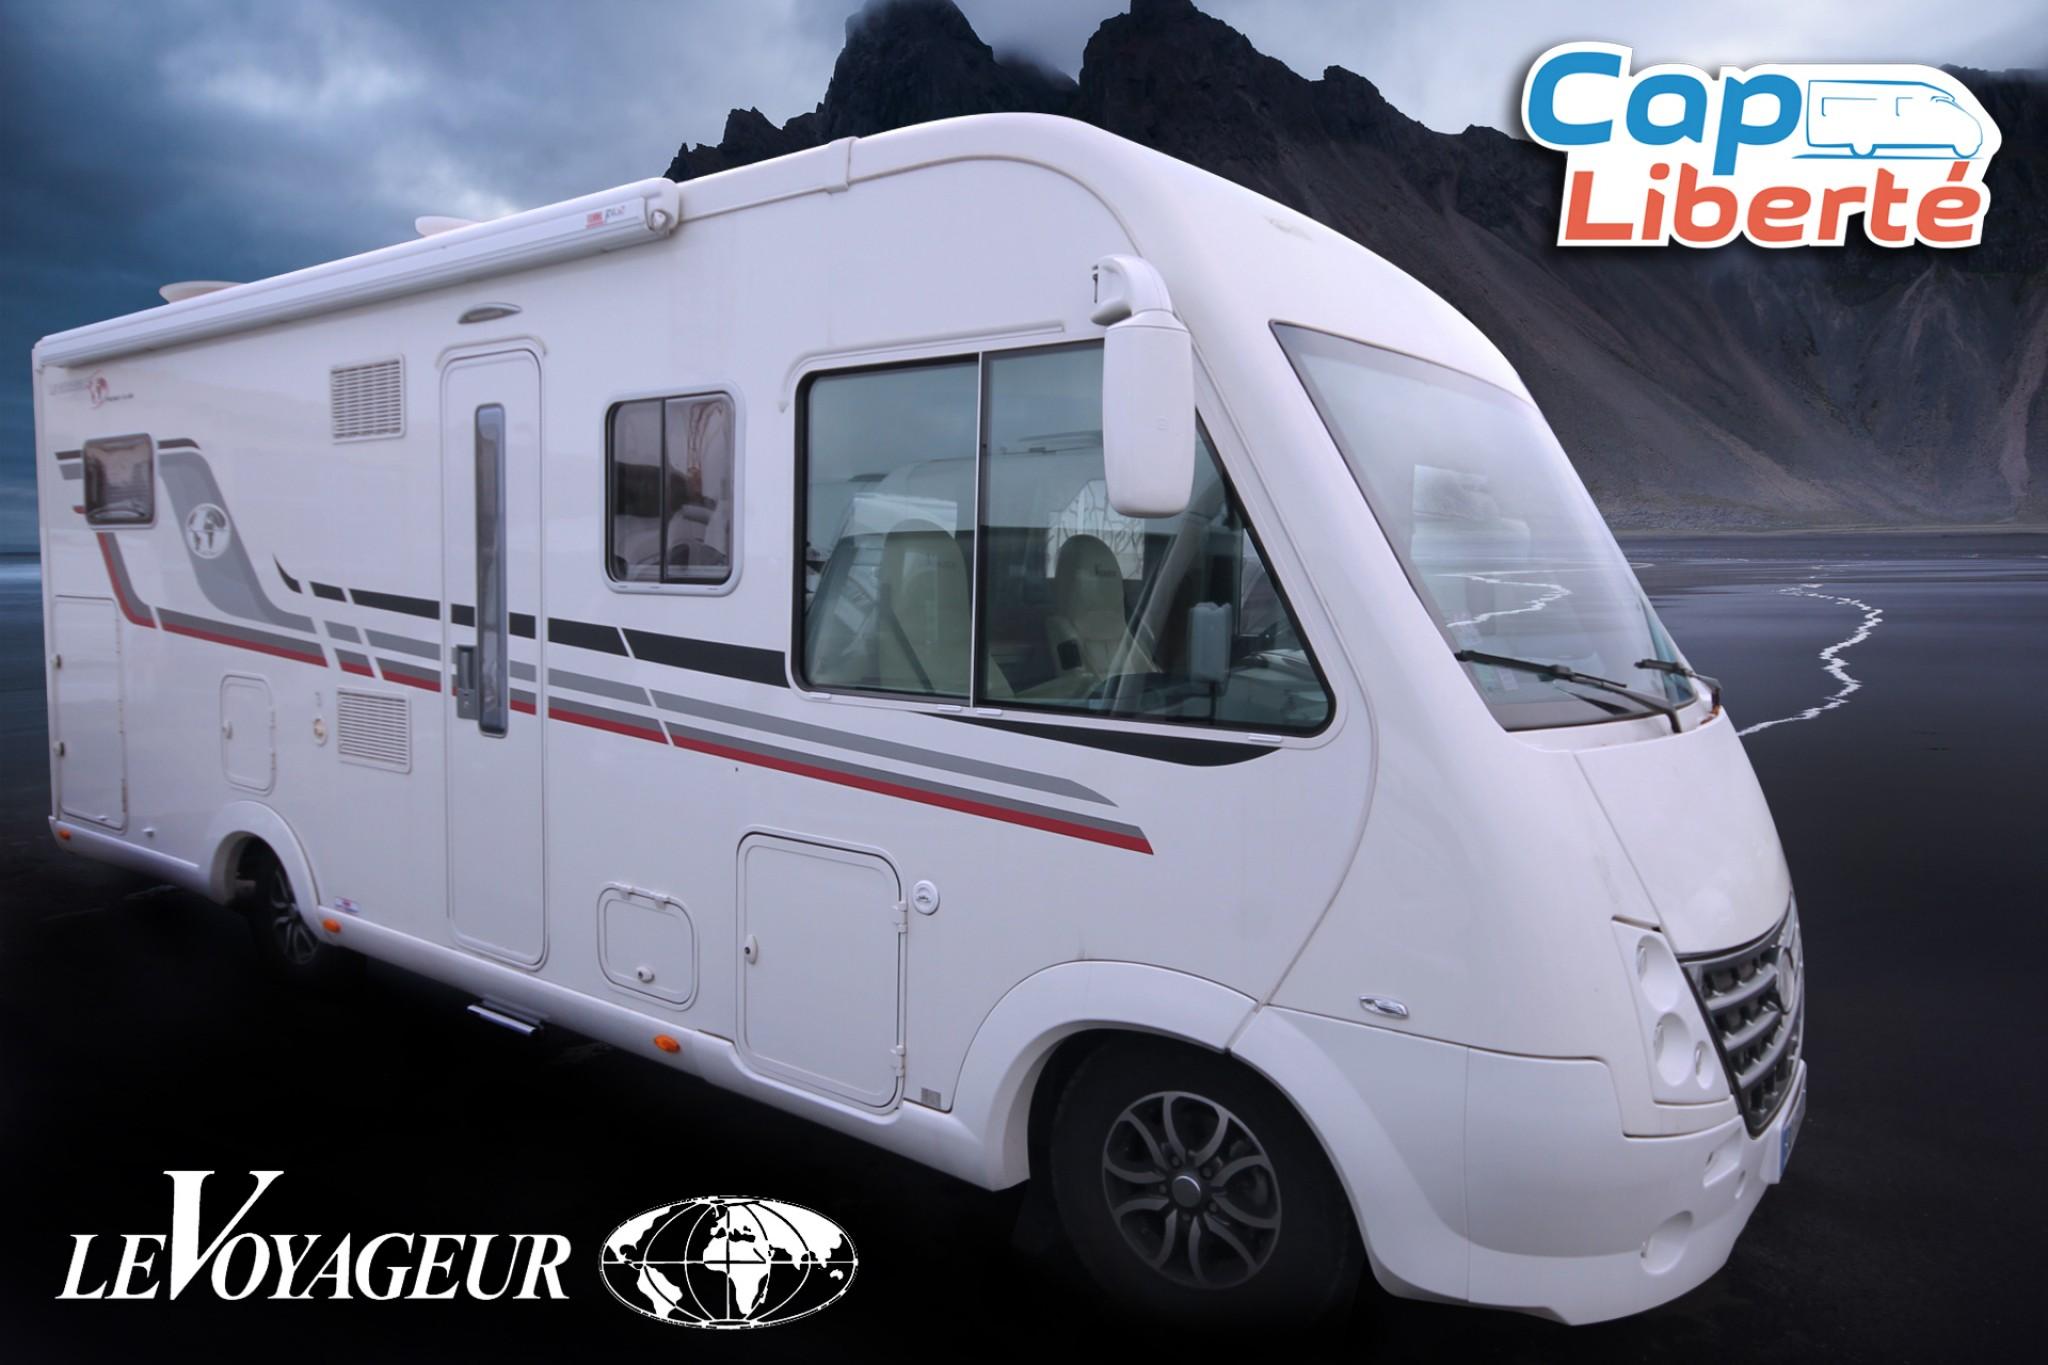 Le Voyageur Lv 86 Lj - 1